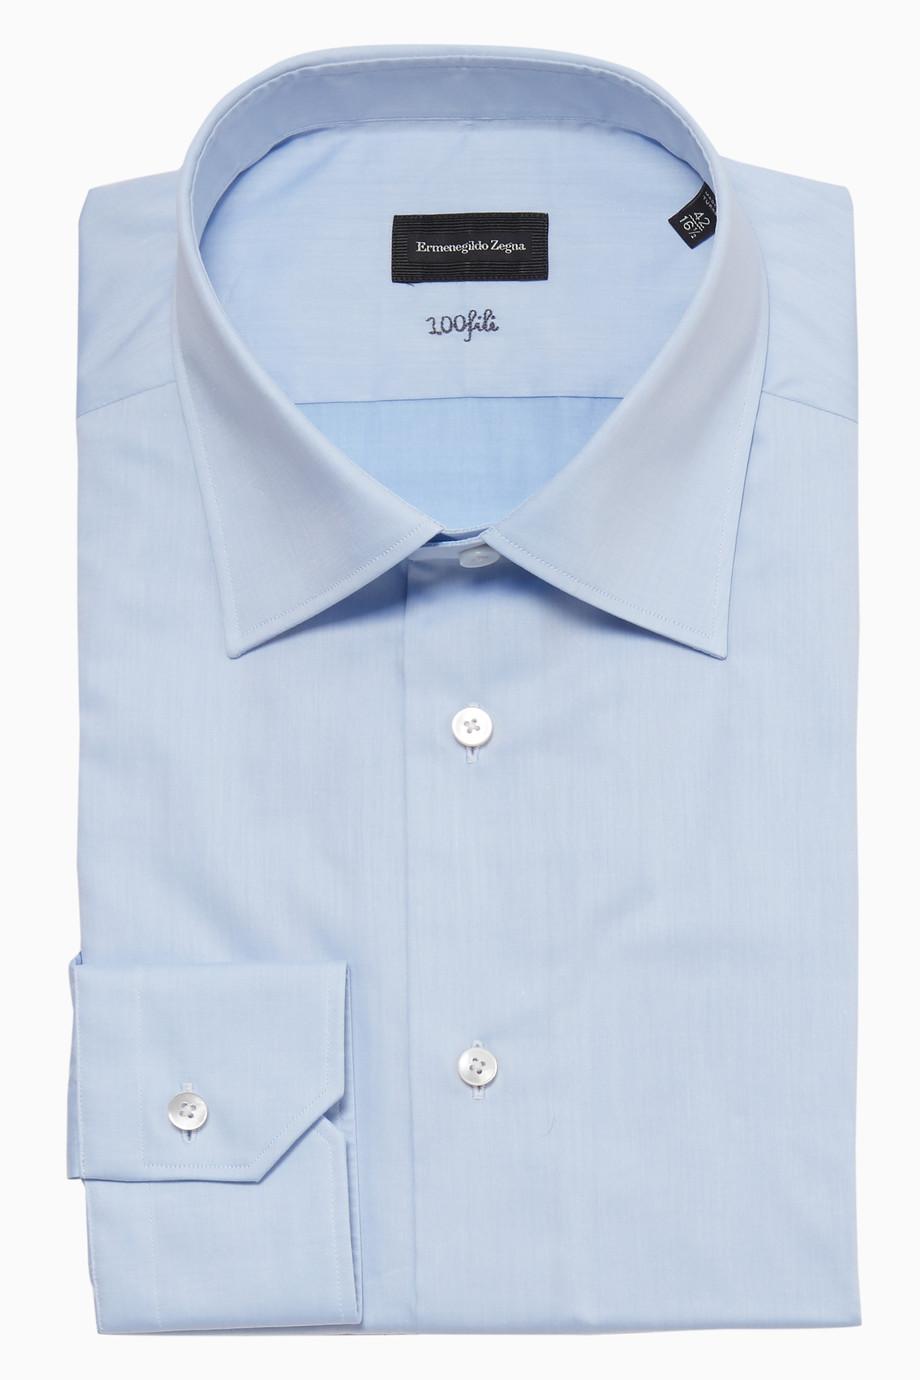 e21dfc7e40 Shop Ermenegildo Zegna Blue 100 Fili Long-Sleeved Cotton Shirt for ...